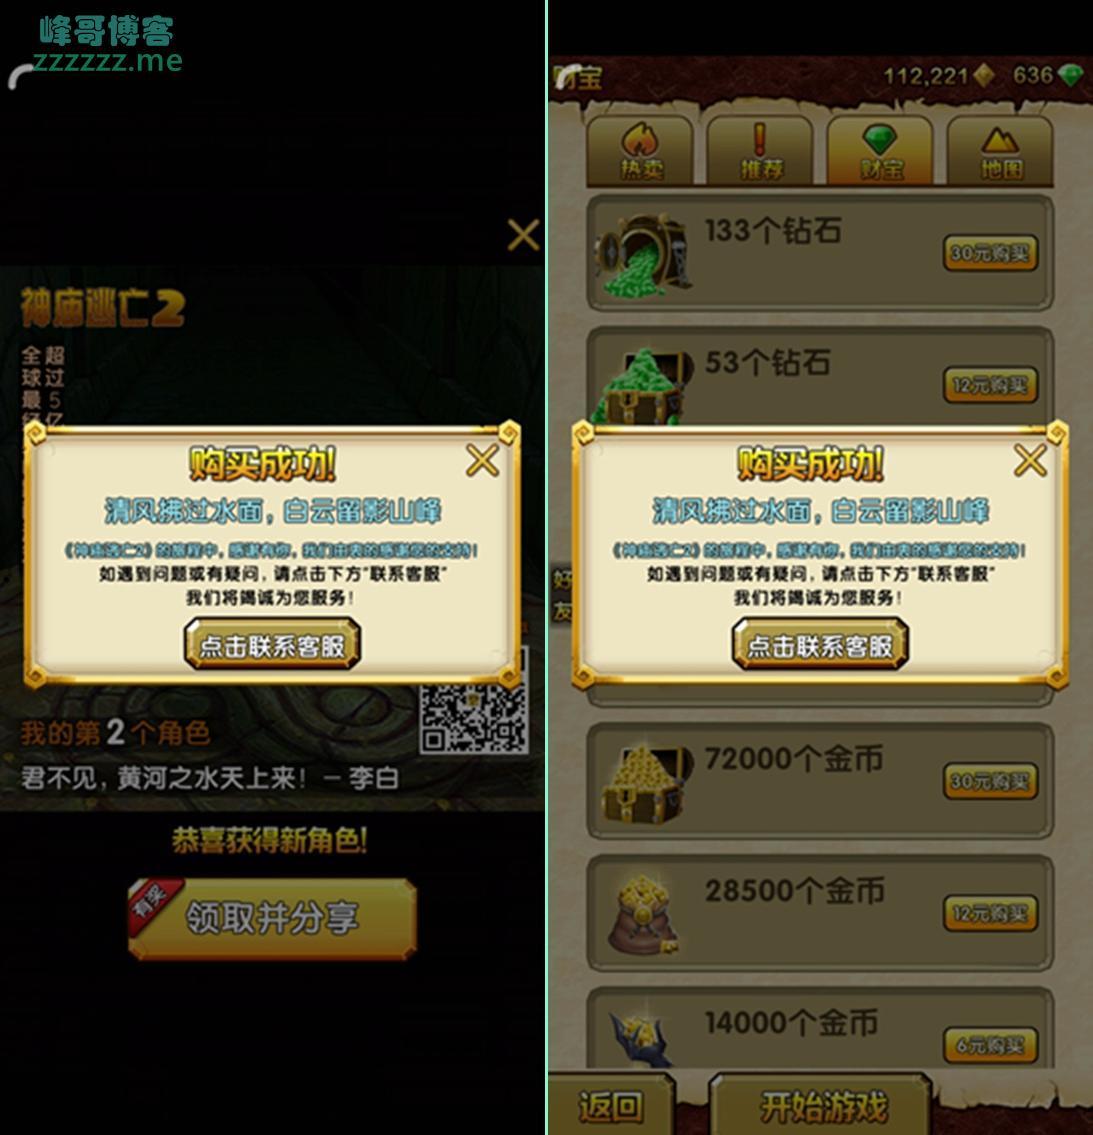 神庙逃亡2 内购破解版v4.7.0 无限钻石金币 无限道具